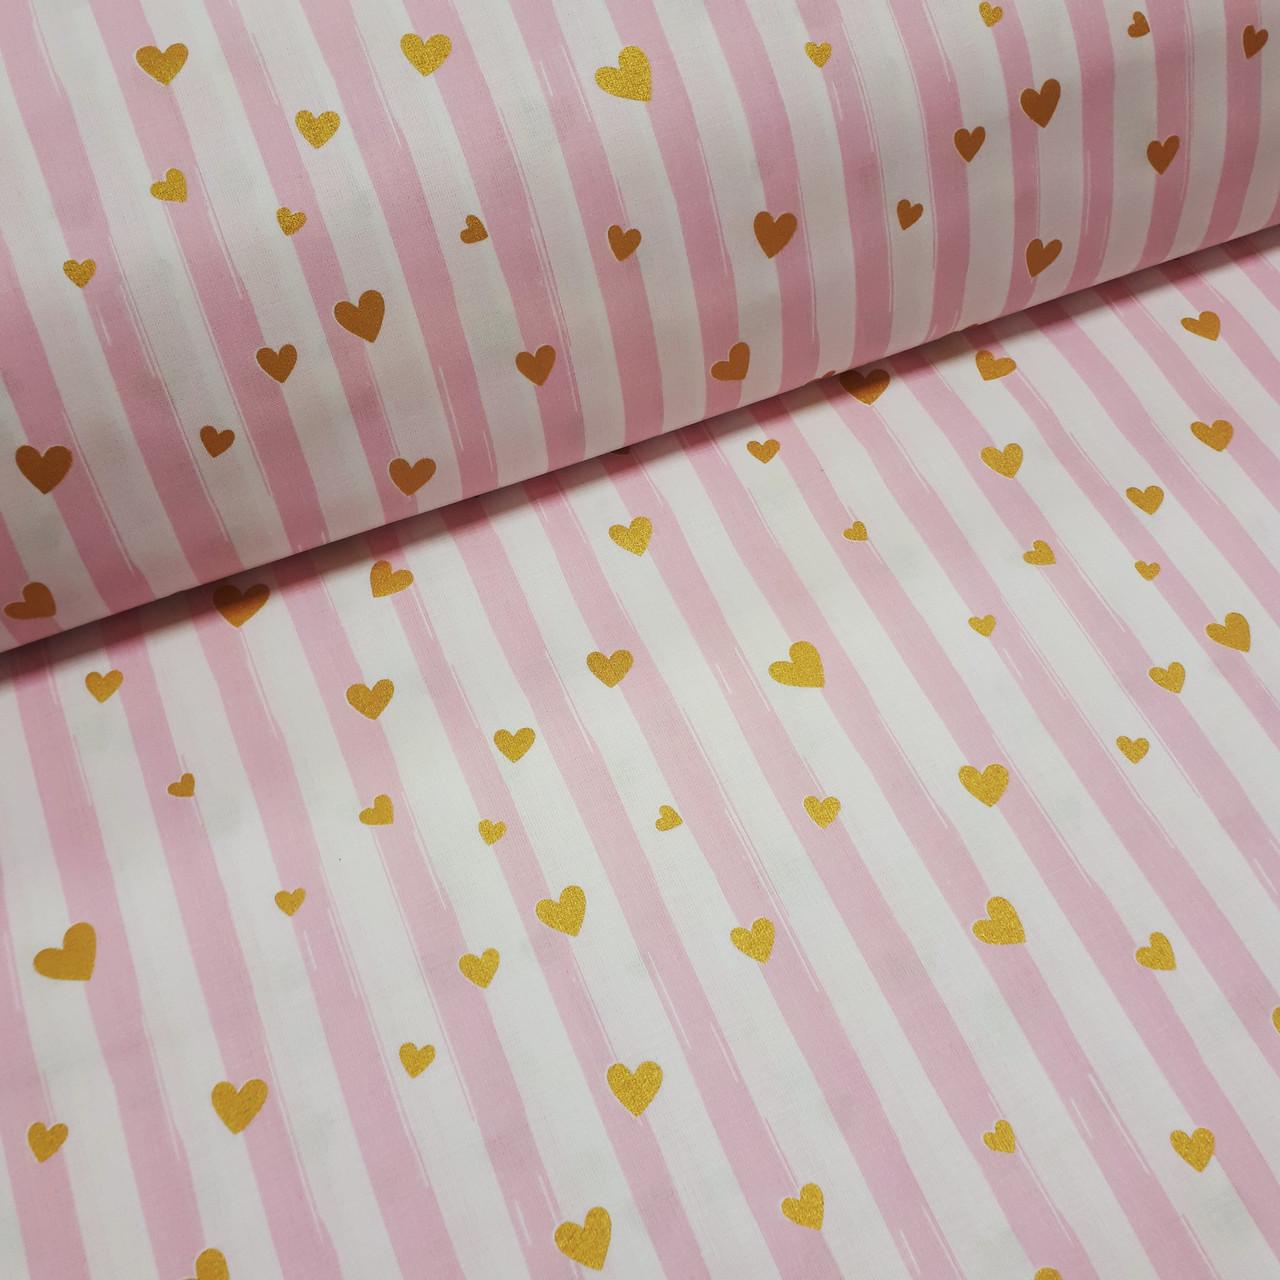 Ткань польская хлопковая, розовая полоска с золотистыми (глиттер) сердечками на белом